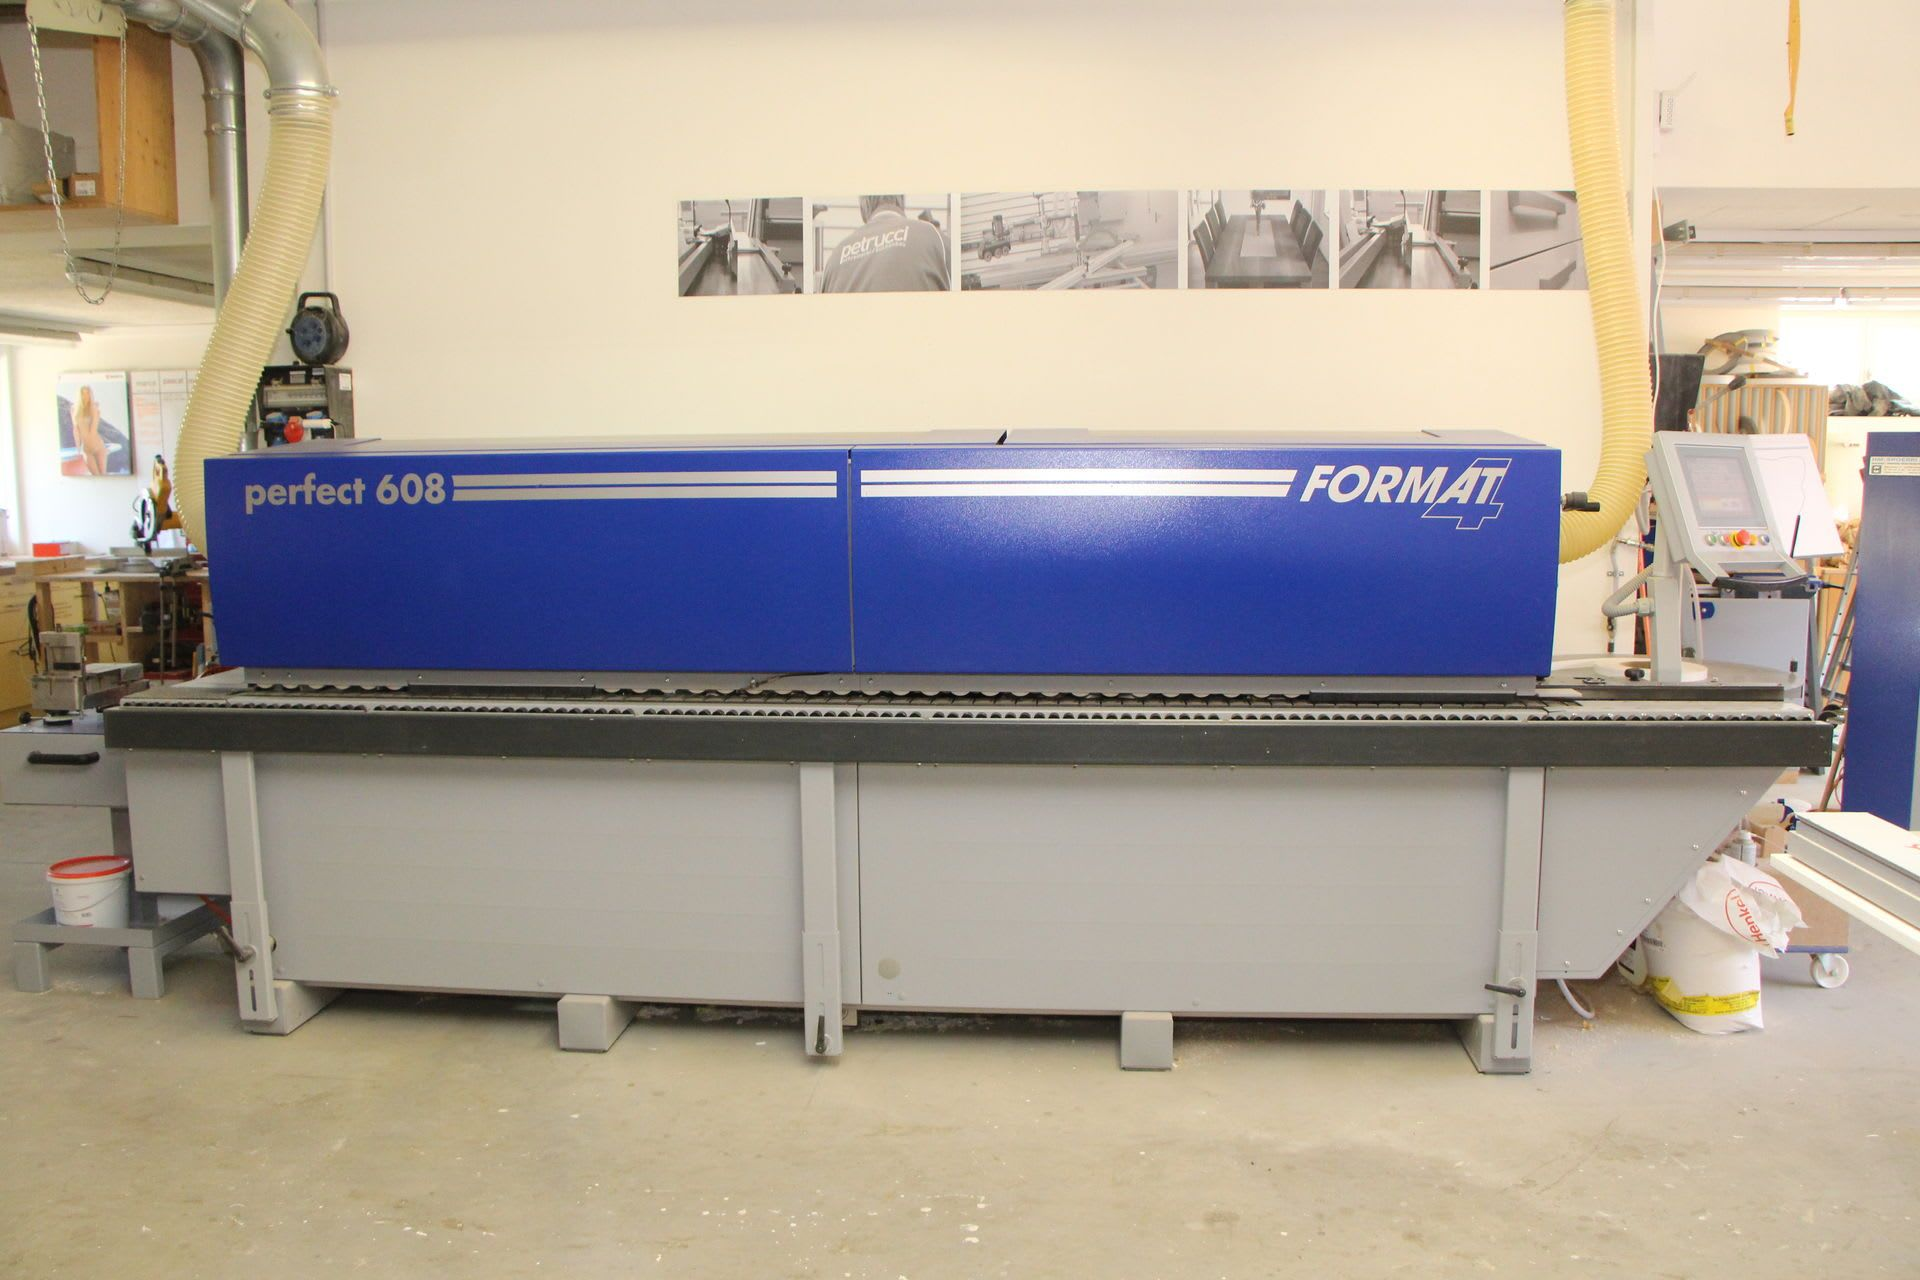 FORMATO 4 Perfect 608 X Motion Kantenanleimmaschine